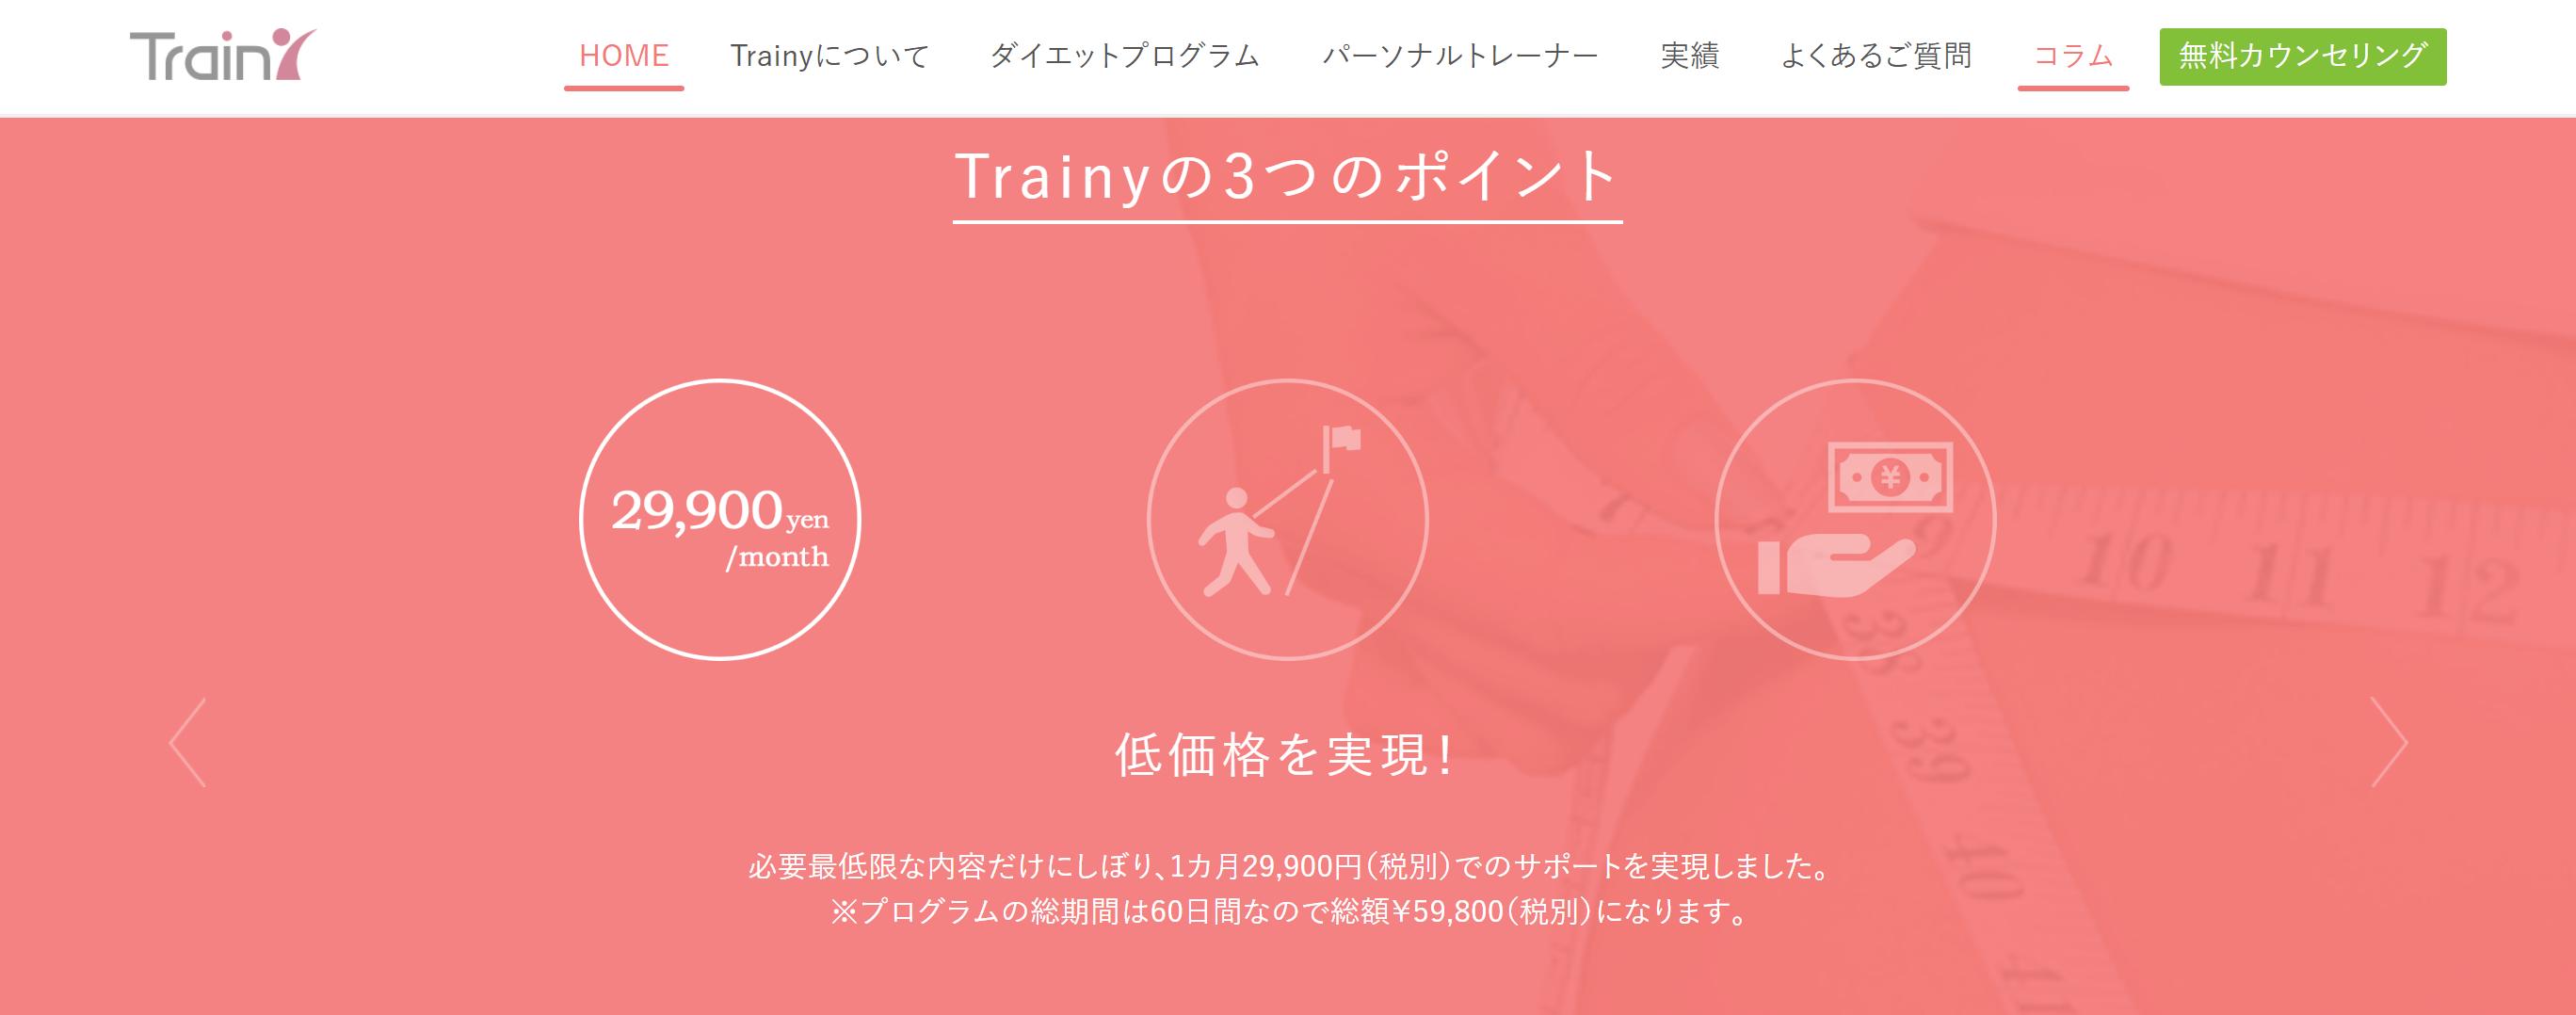 Trainy(トレーニー)のポイント